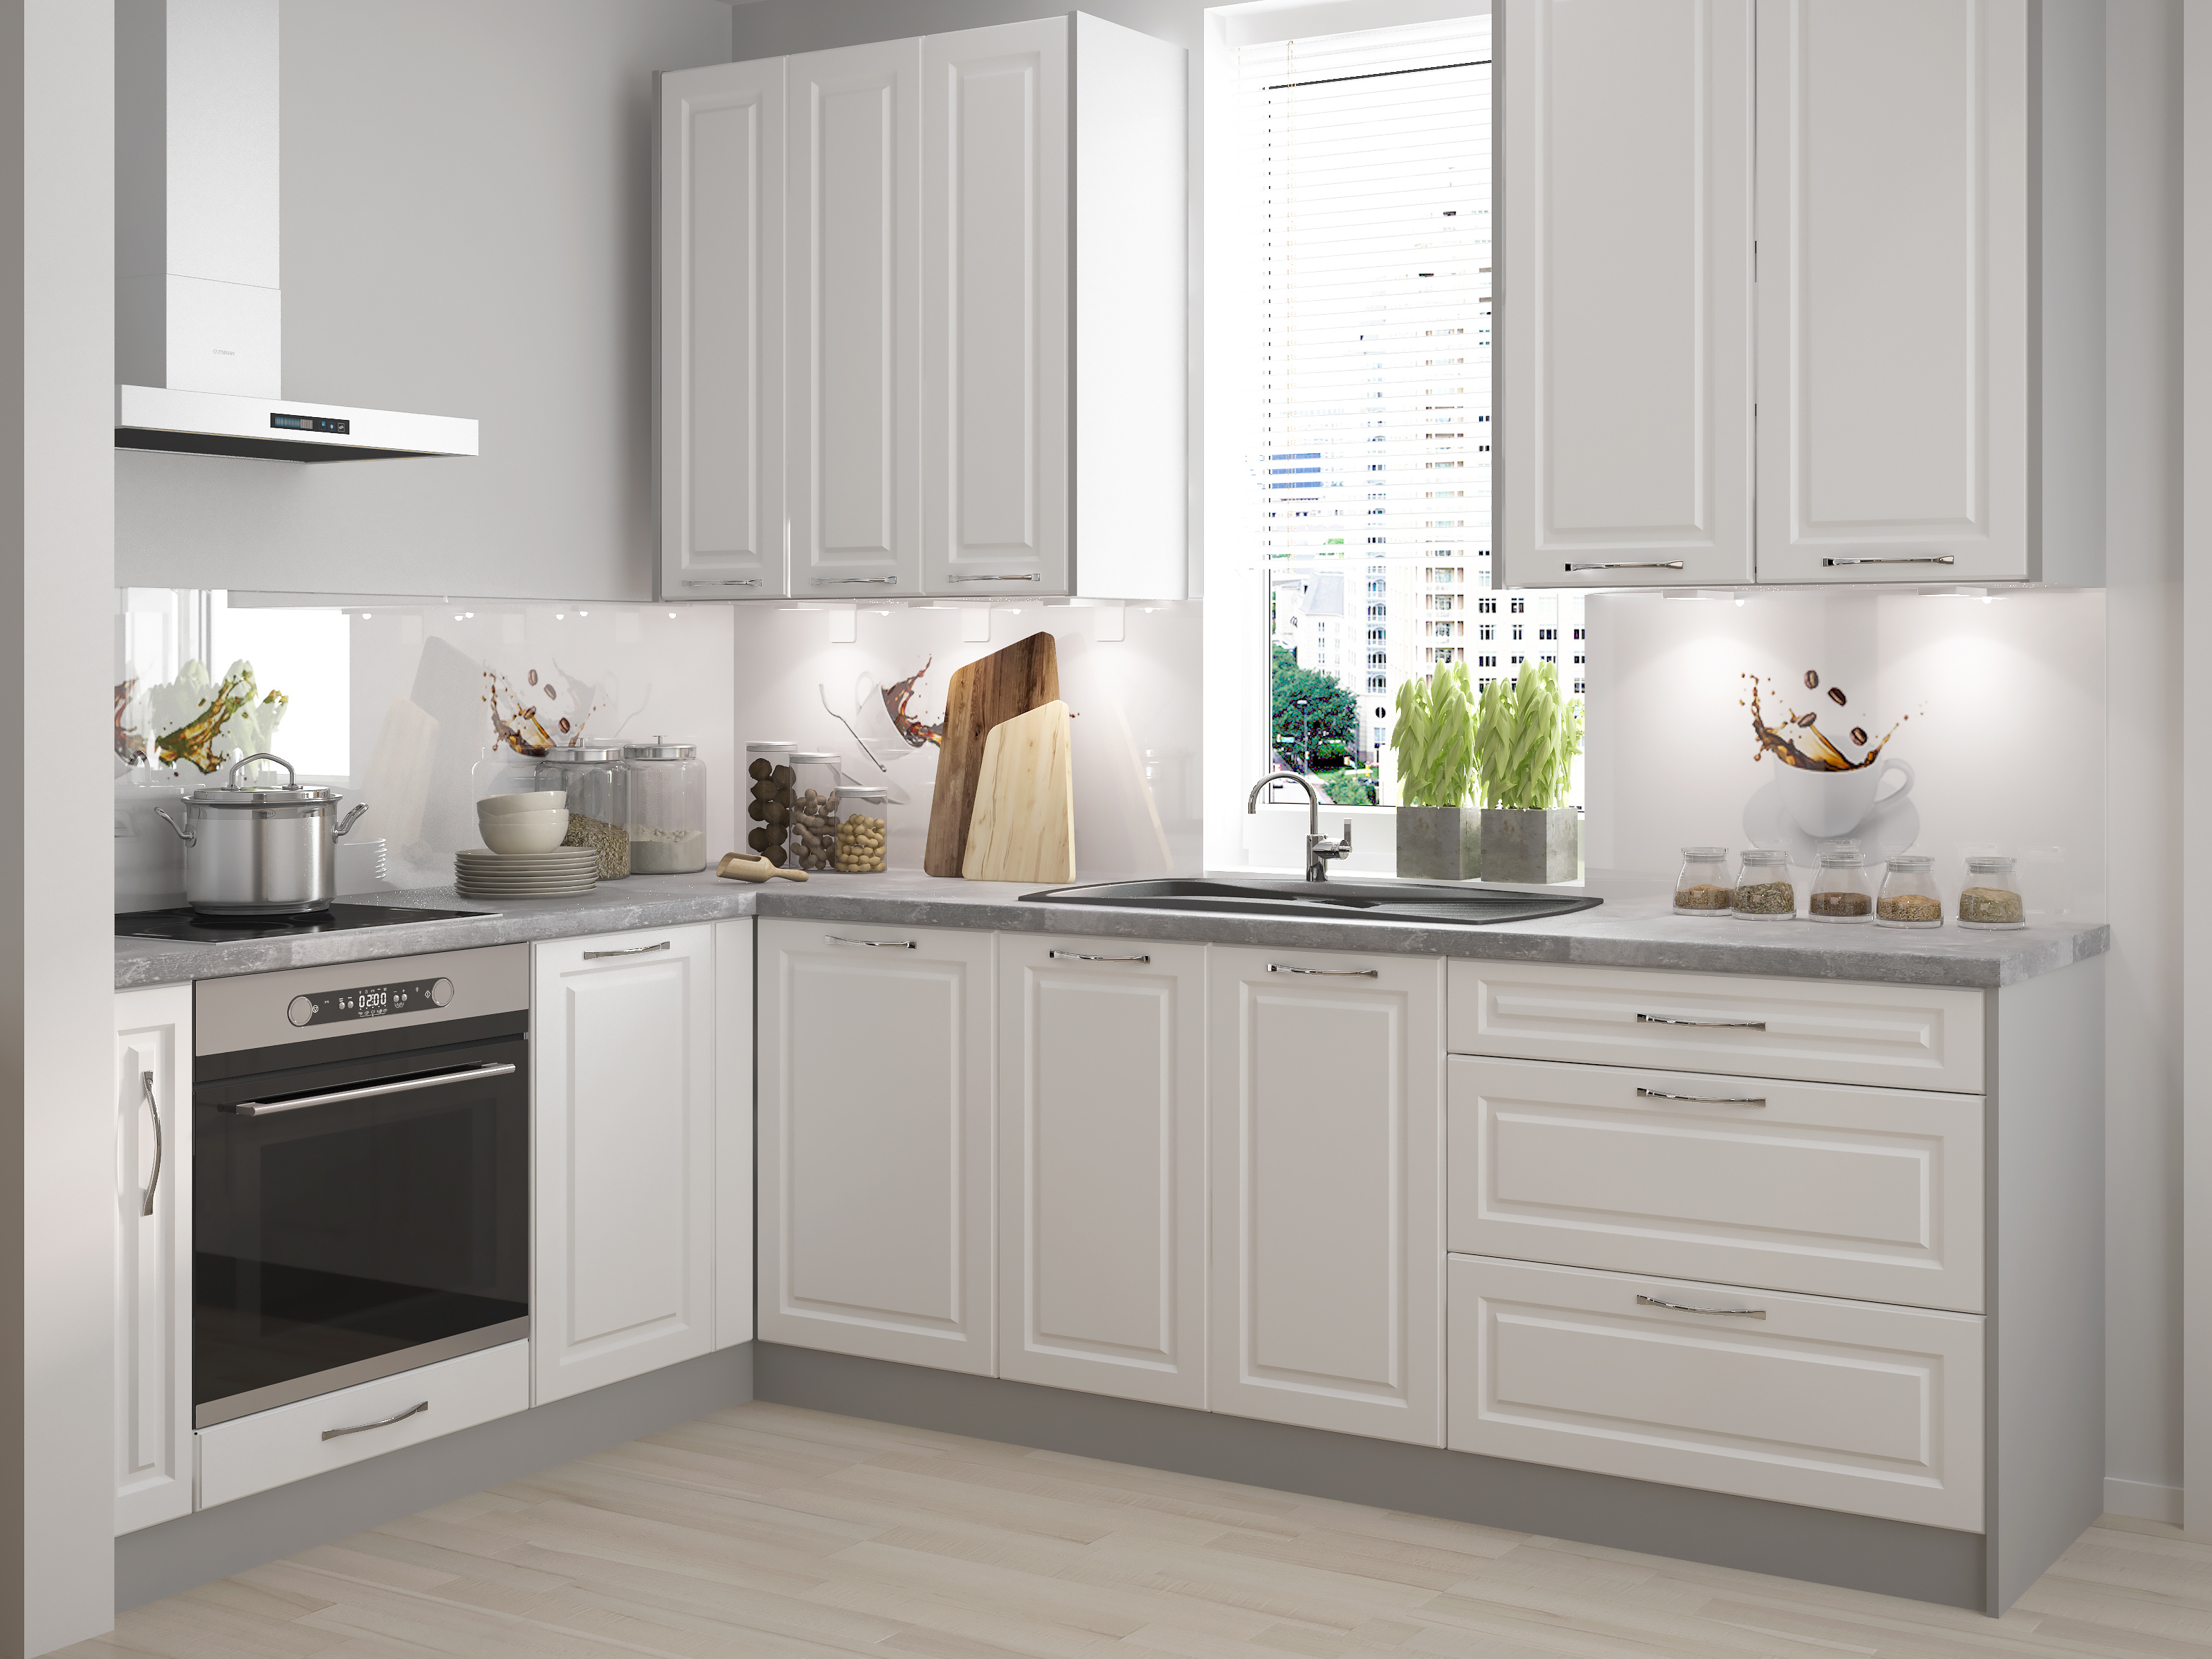 Extom Rohová kuchyně EMPORIUM 180/395 cm, korpus grey, dvířka white